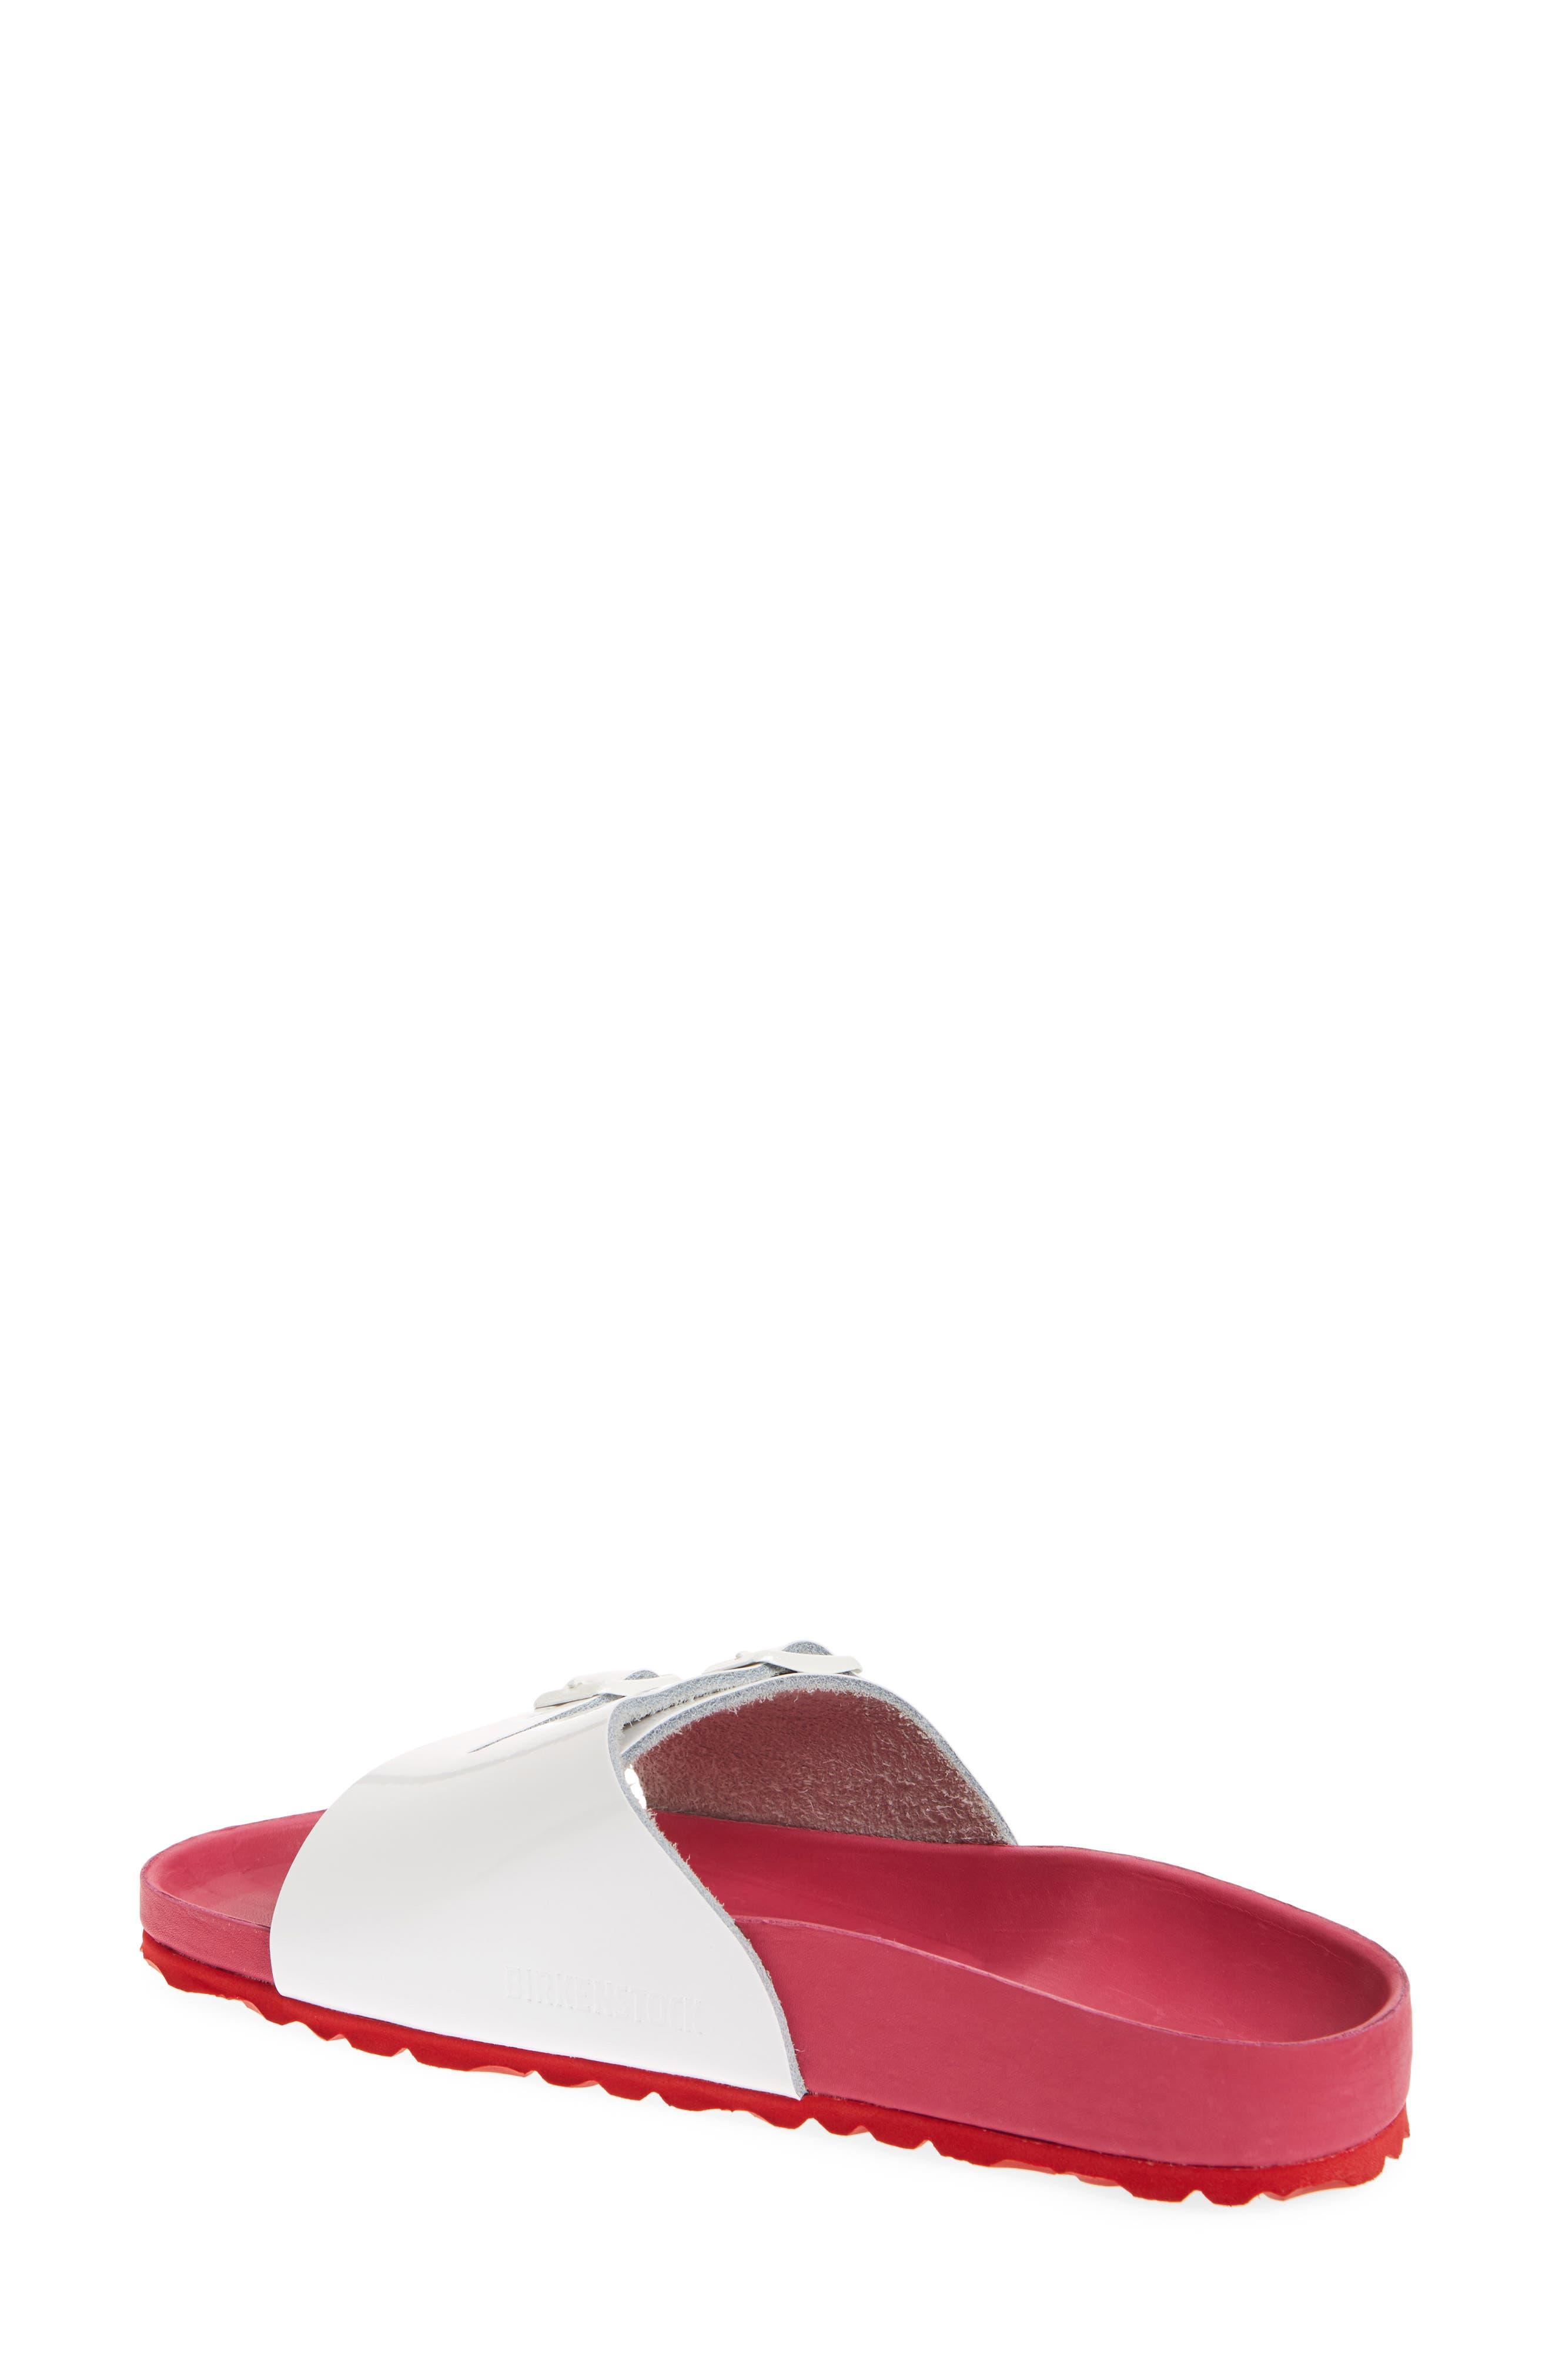 Vaduz Exquisite Limited Edition - Shock Drop Sandal,                             Alternate thumbnail 2, color,                             White Leather